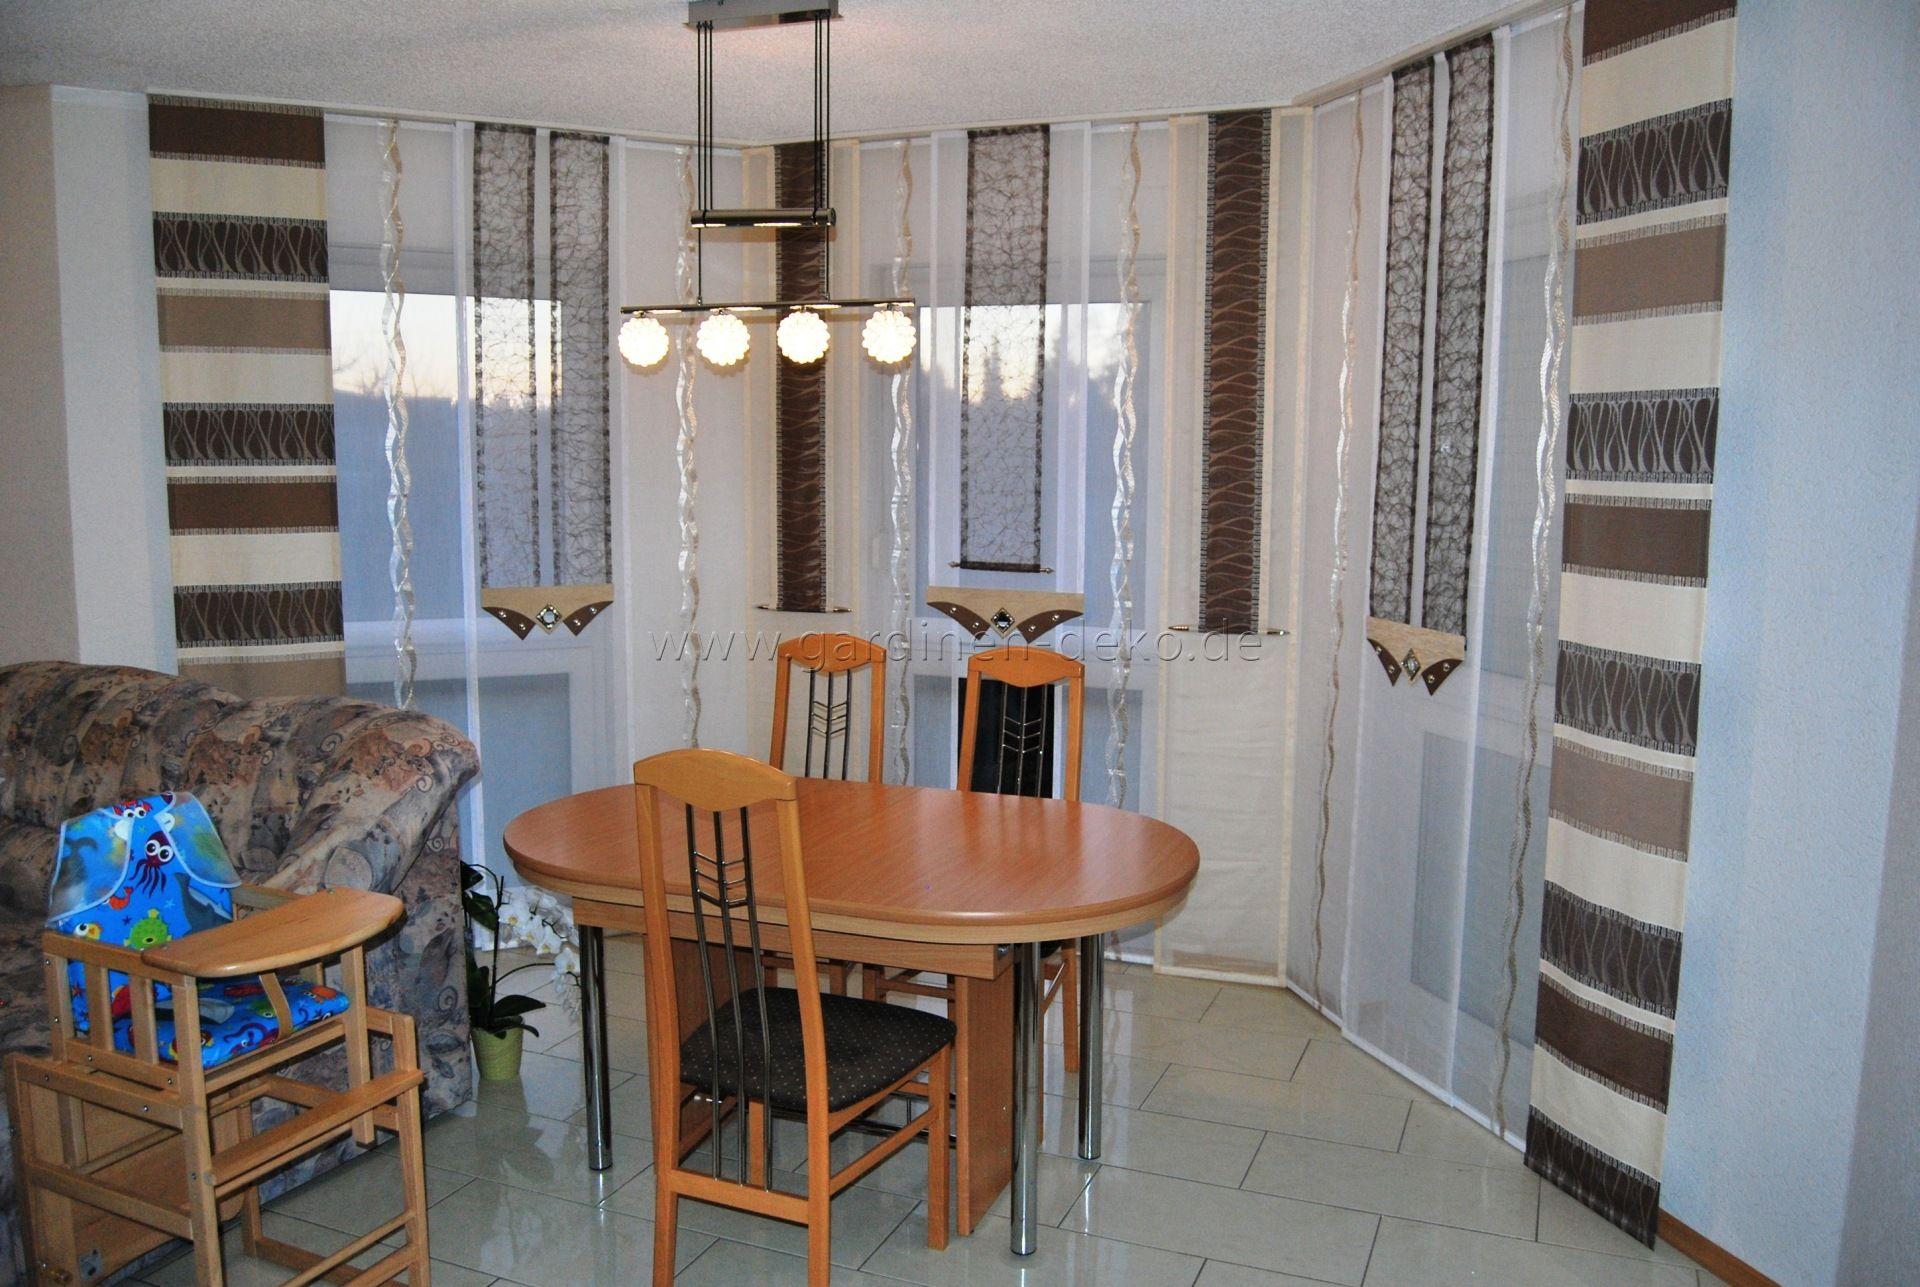 braun-beige schiebegardine in eckform fürs wohnzimmer - http://www ... - Wohnzimmer Bilder Braun Beige